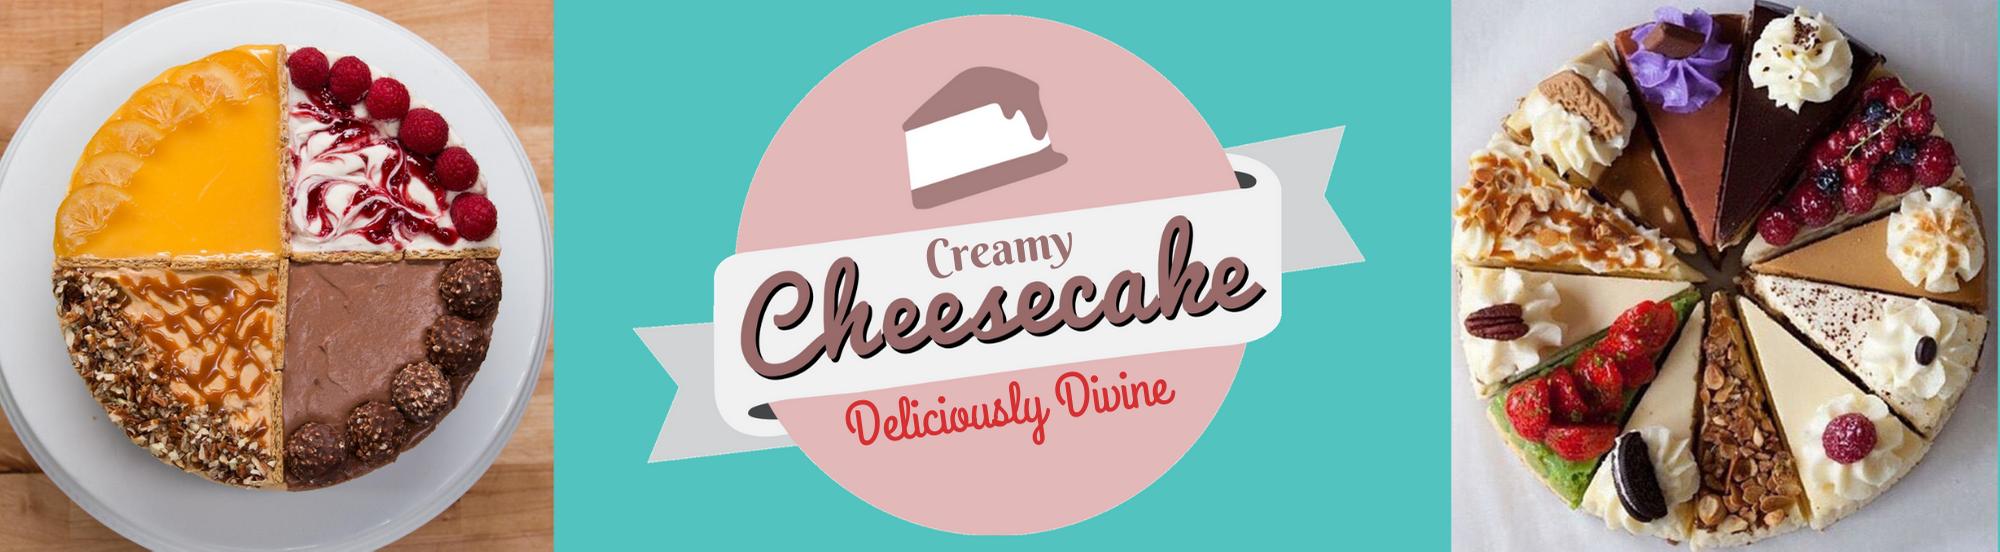 Creamy Cheesecakes